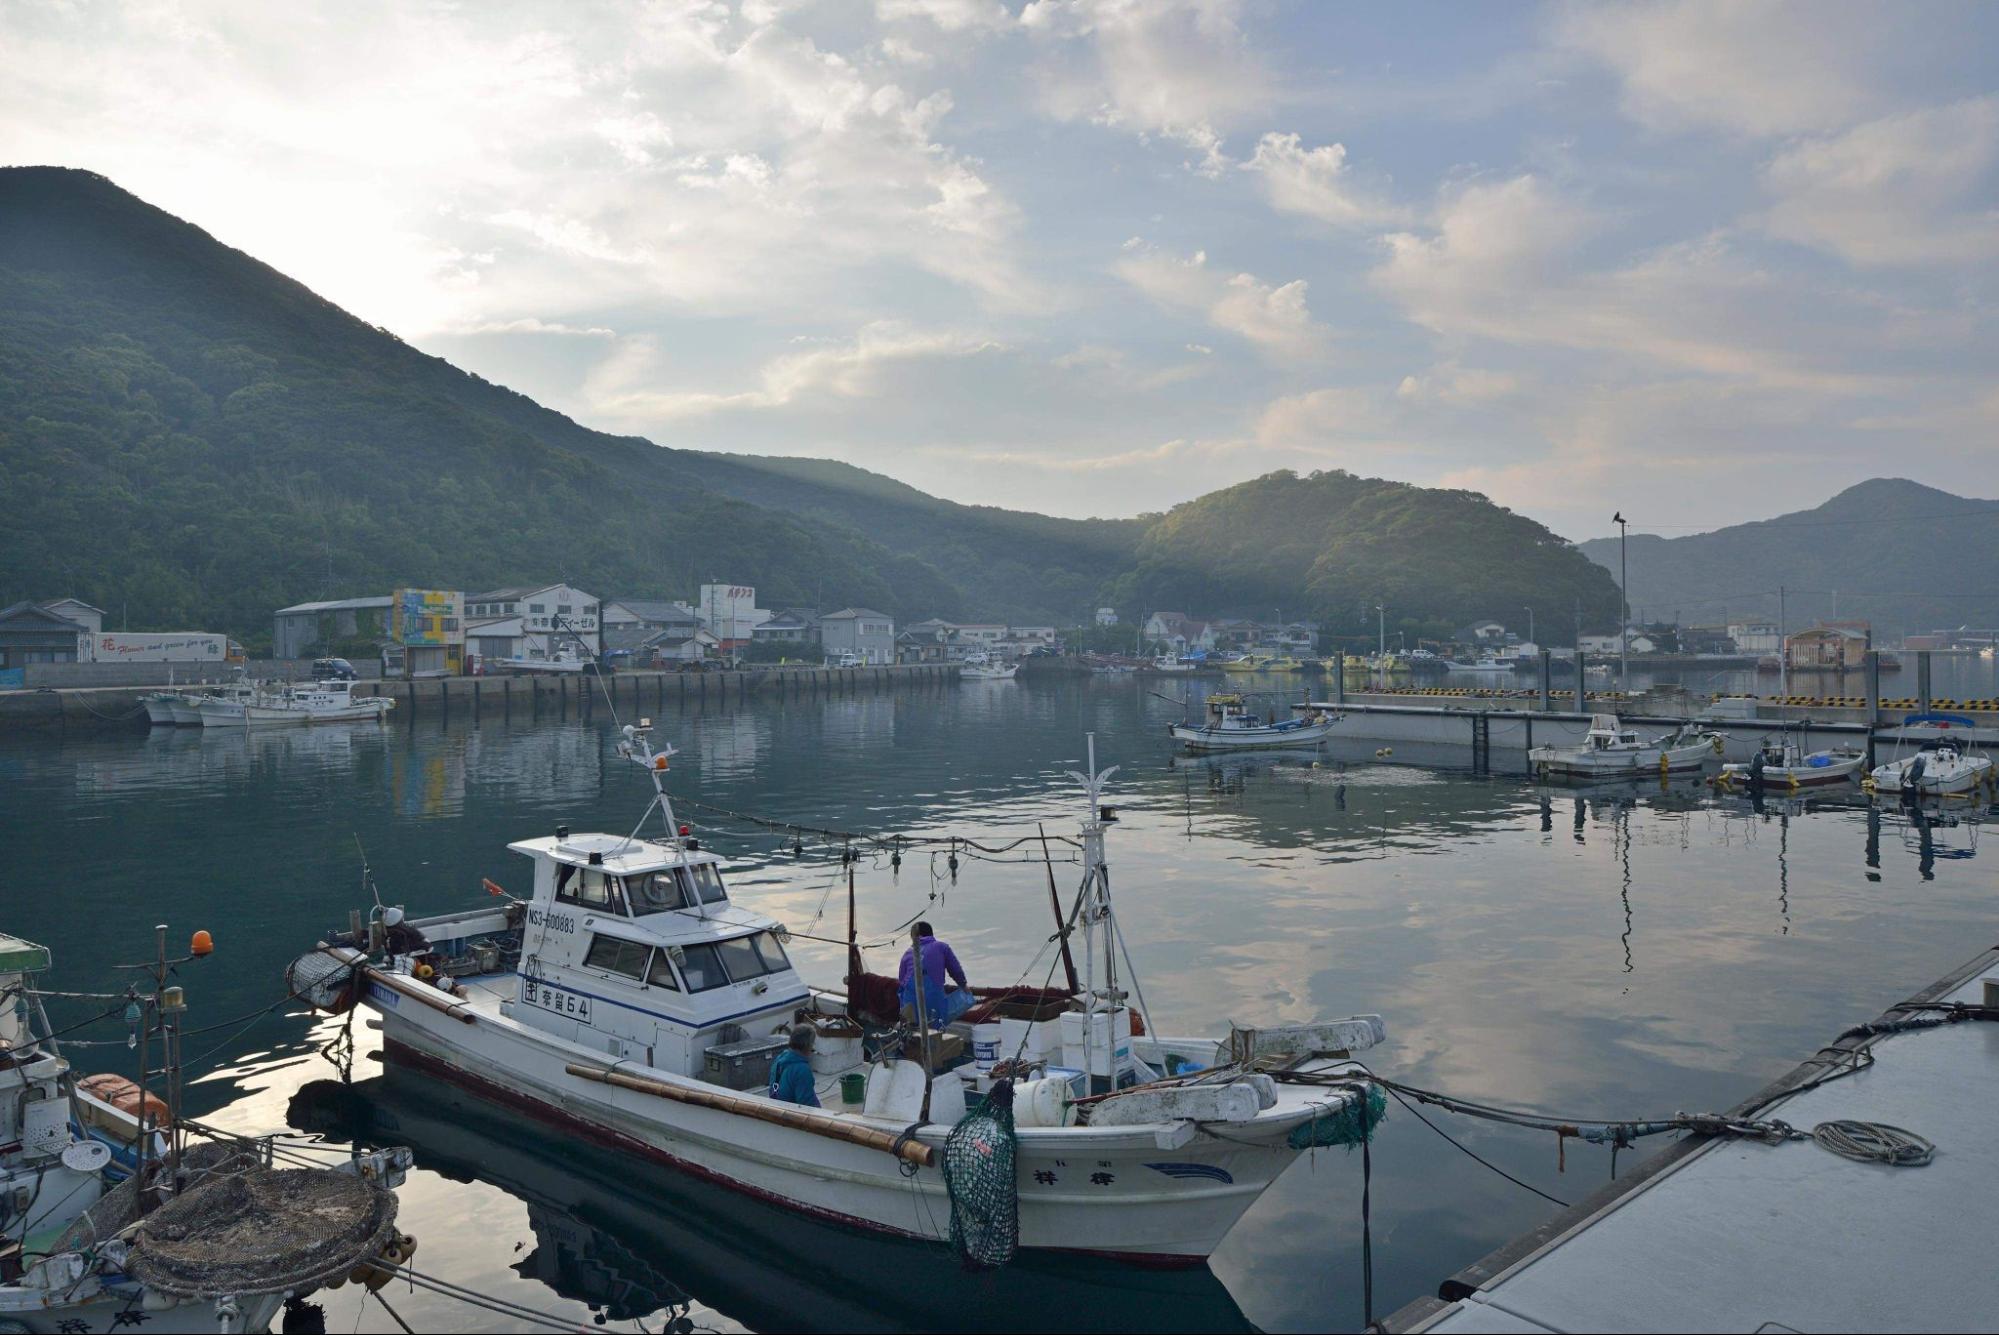 筆者がワーケーションを企画・運営している長崎県・五島列島。東京から遠く離れた場所でワーケーションをする「意味」を毎回追求している。(撮影:廣瀬健司)